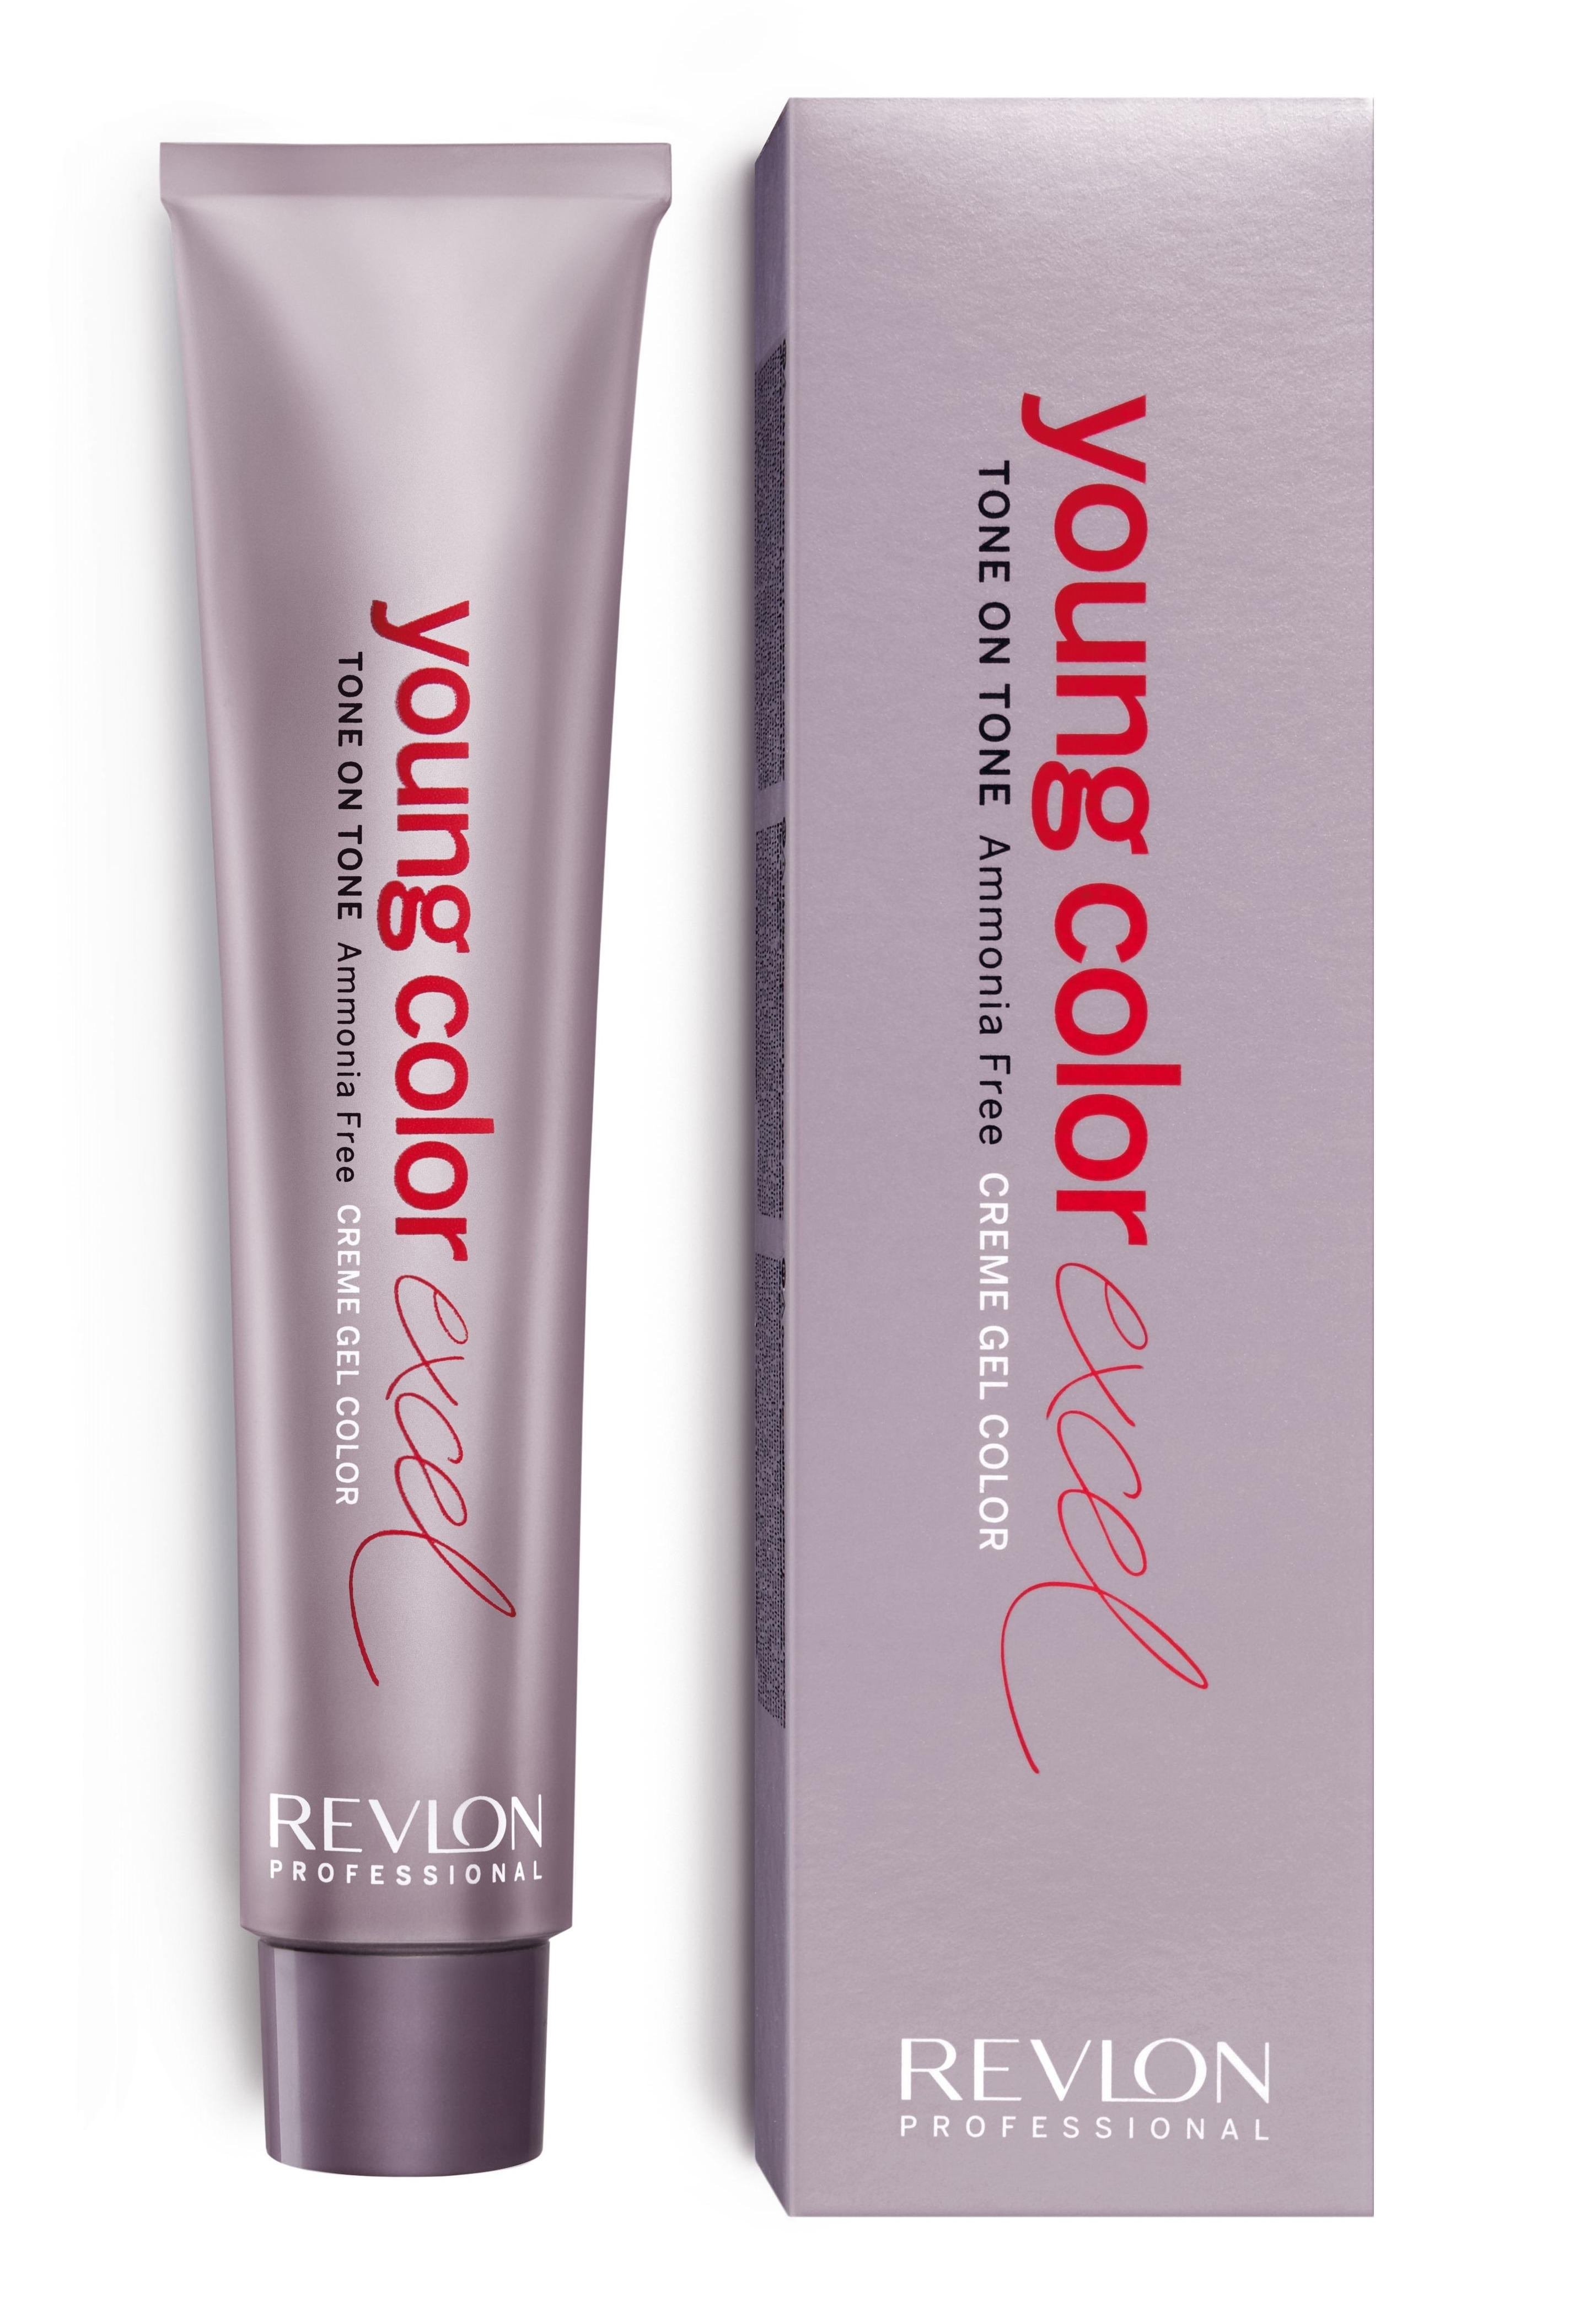 REVLON Professional 6-65 крем-гель полуперманентный, пурпурно-красный / YOUNG COLOR EXCEL 70 мл